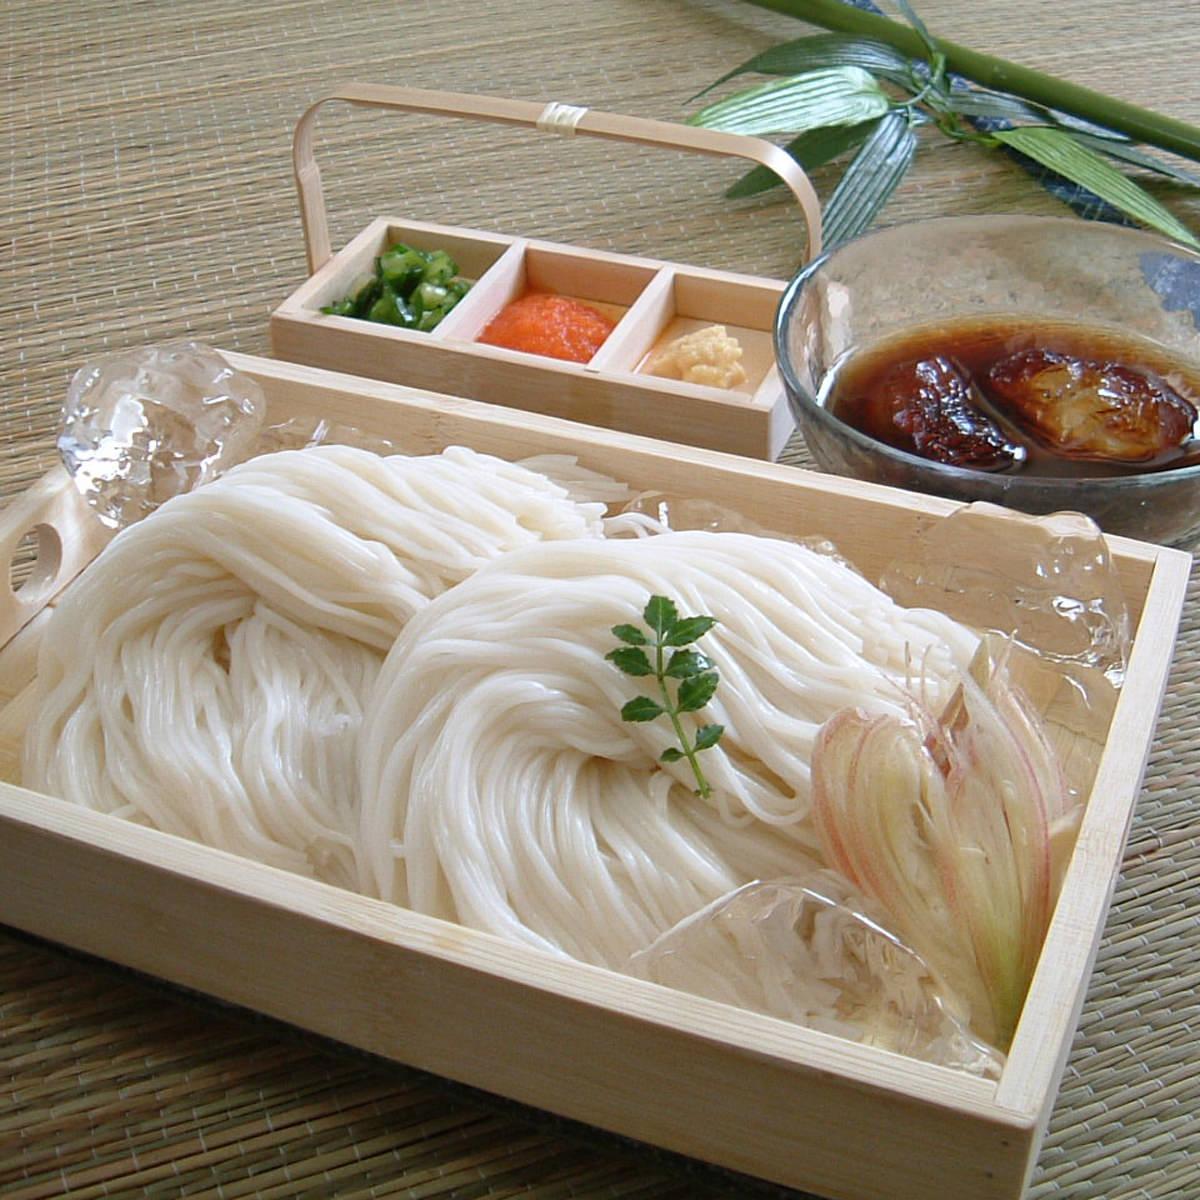 手延べ三輪素麺 玉井製麺所 うまさの証 鳥居印 ほんまもんの三輪素麺 M-40 1.5kg木箱〔1500g〕